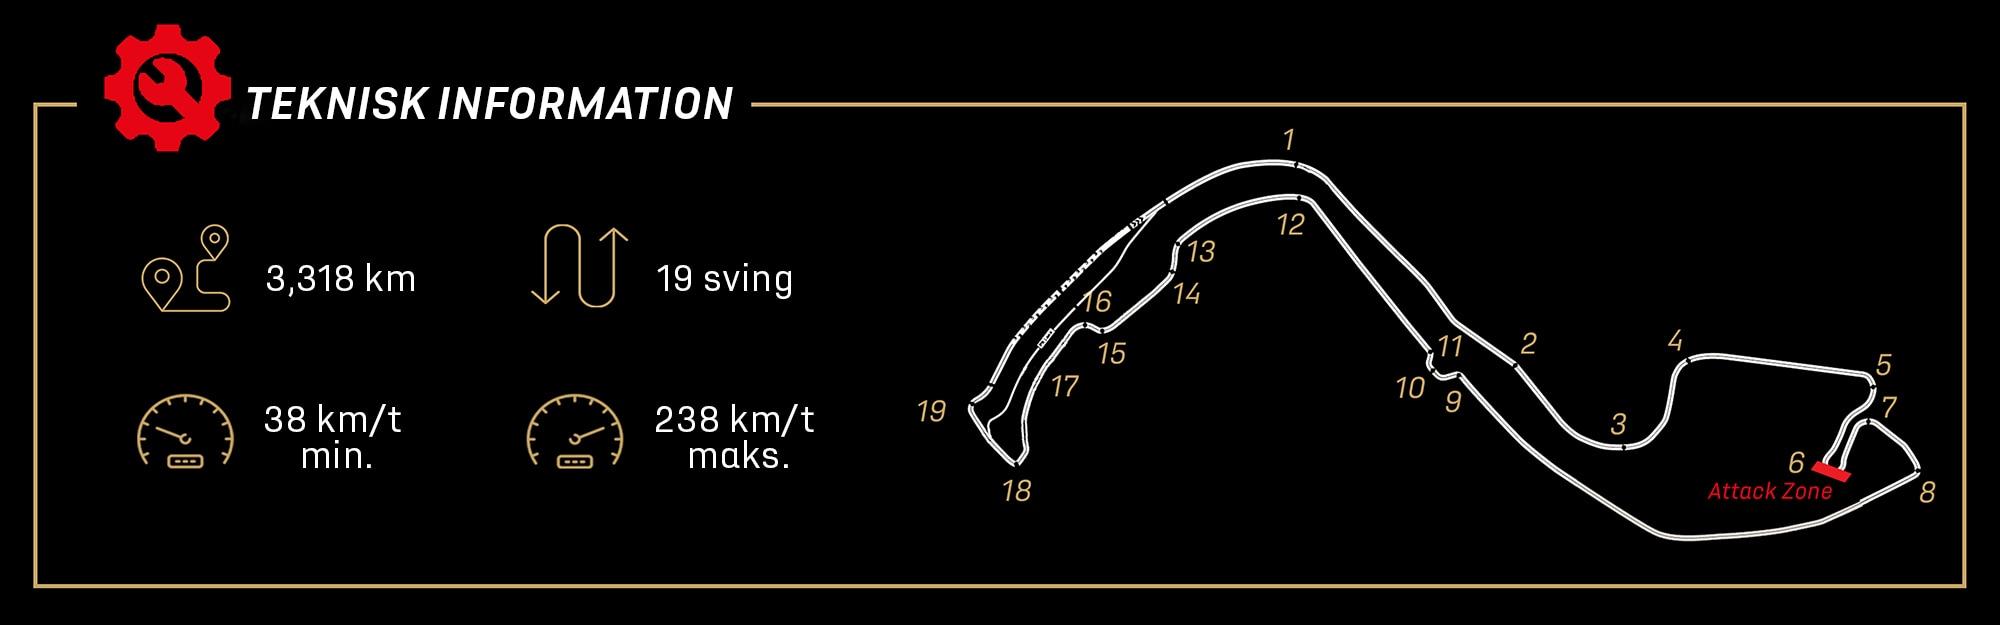 Monaco-track-visual_DK